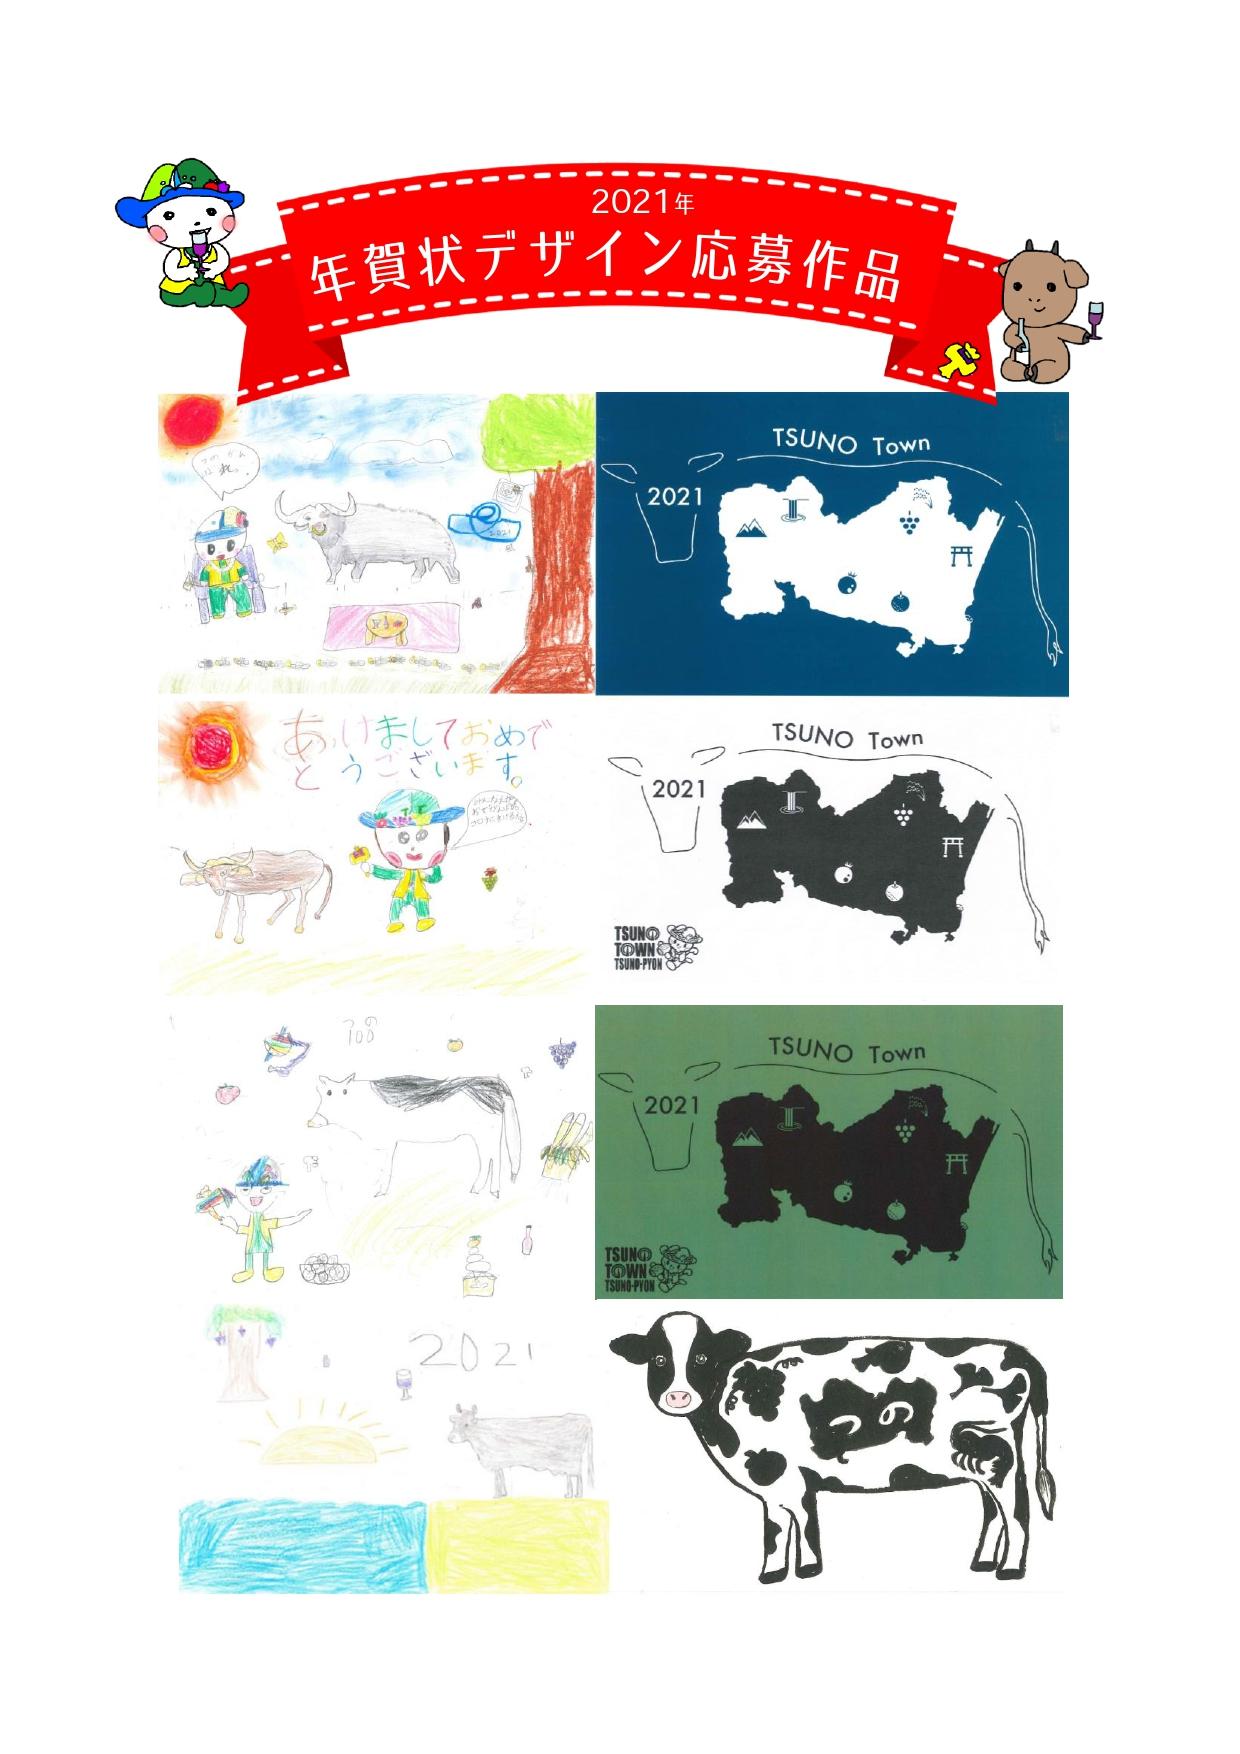 年賀状デザイン全作品一覧_page-0001